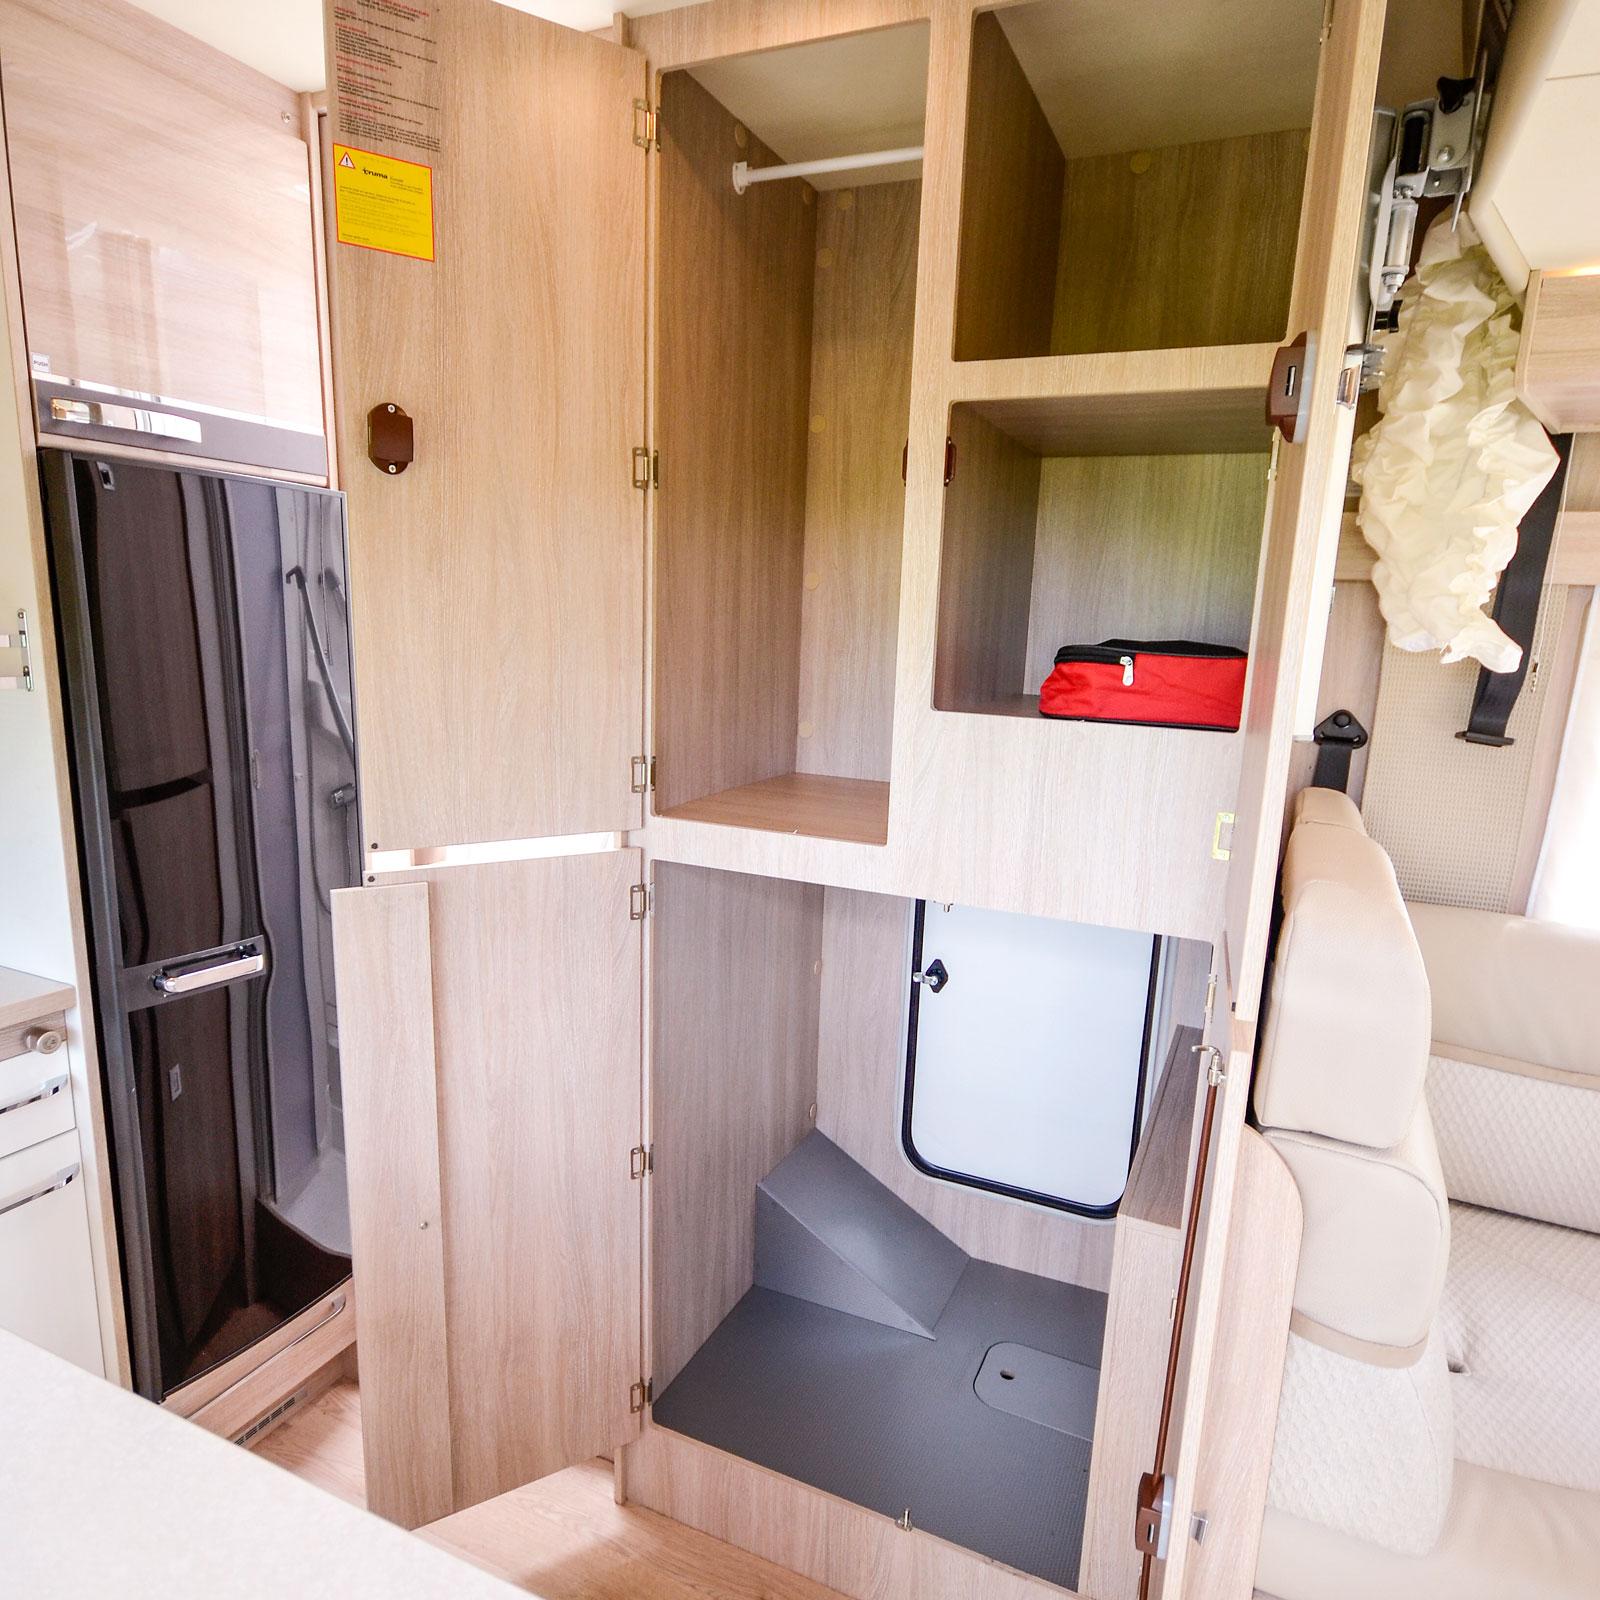 Mellan hörnsoffan och badrummet, på bilens vänstra sida, finns en stor skåpdel som även kan nås utifrån.